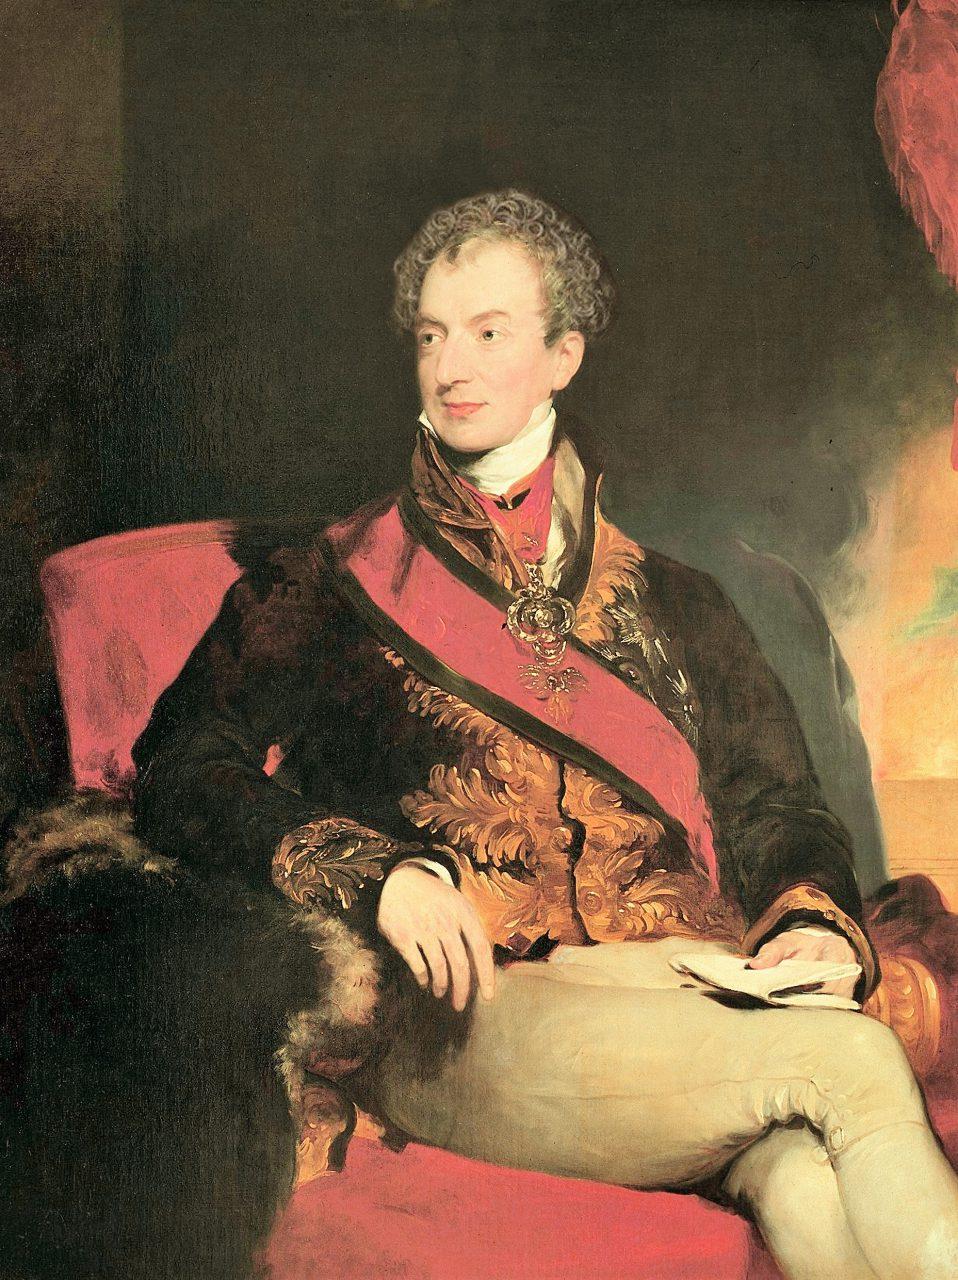 Metternich - Durante las Revoluciones LIberales en Alemania - canciller